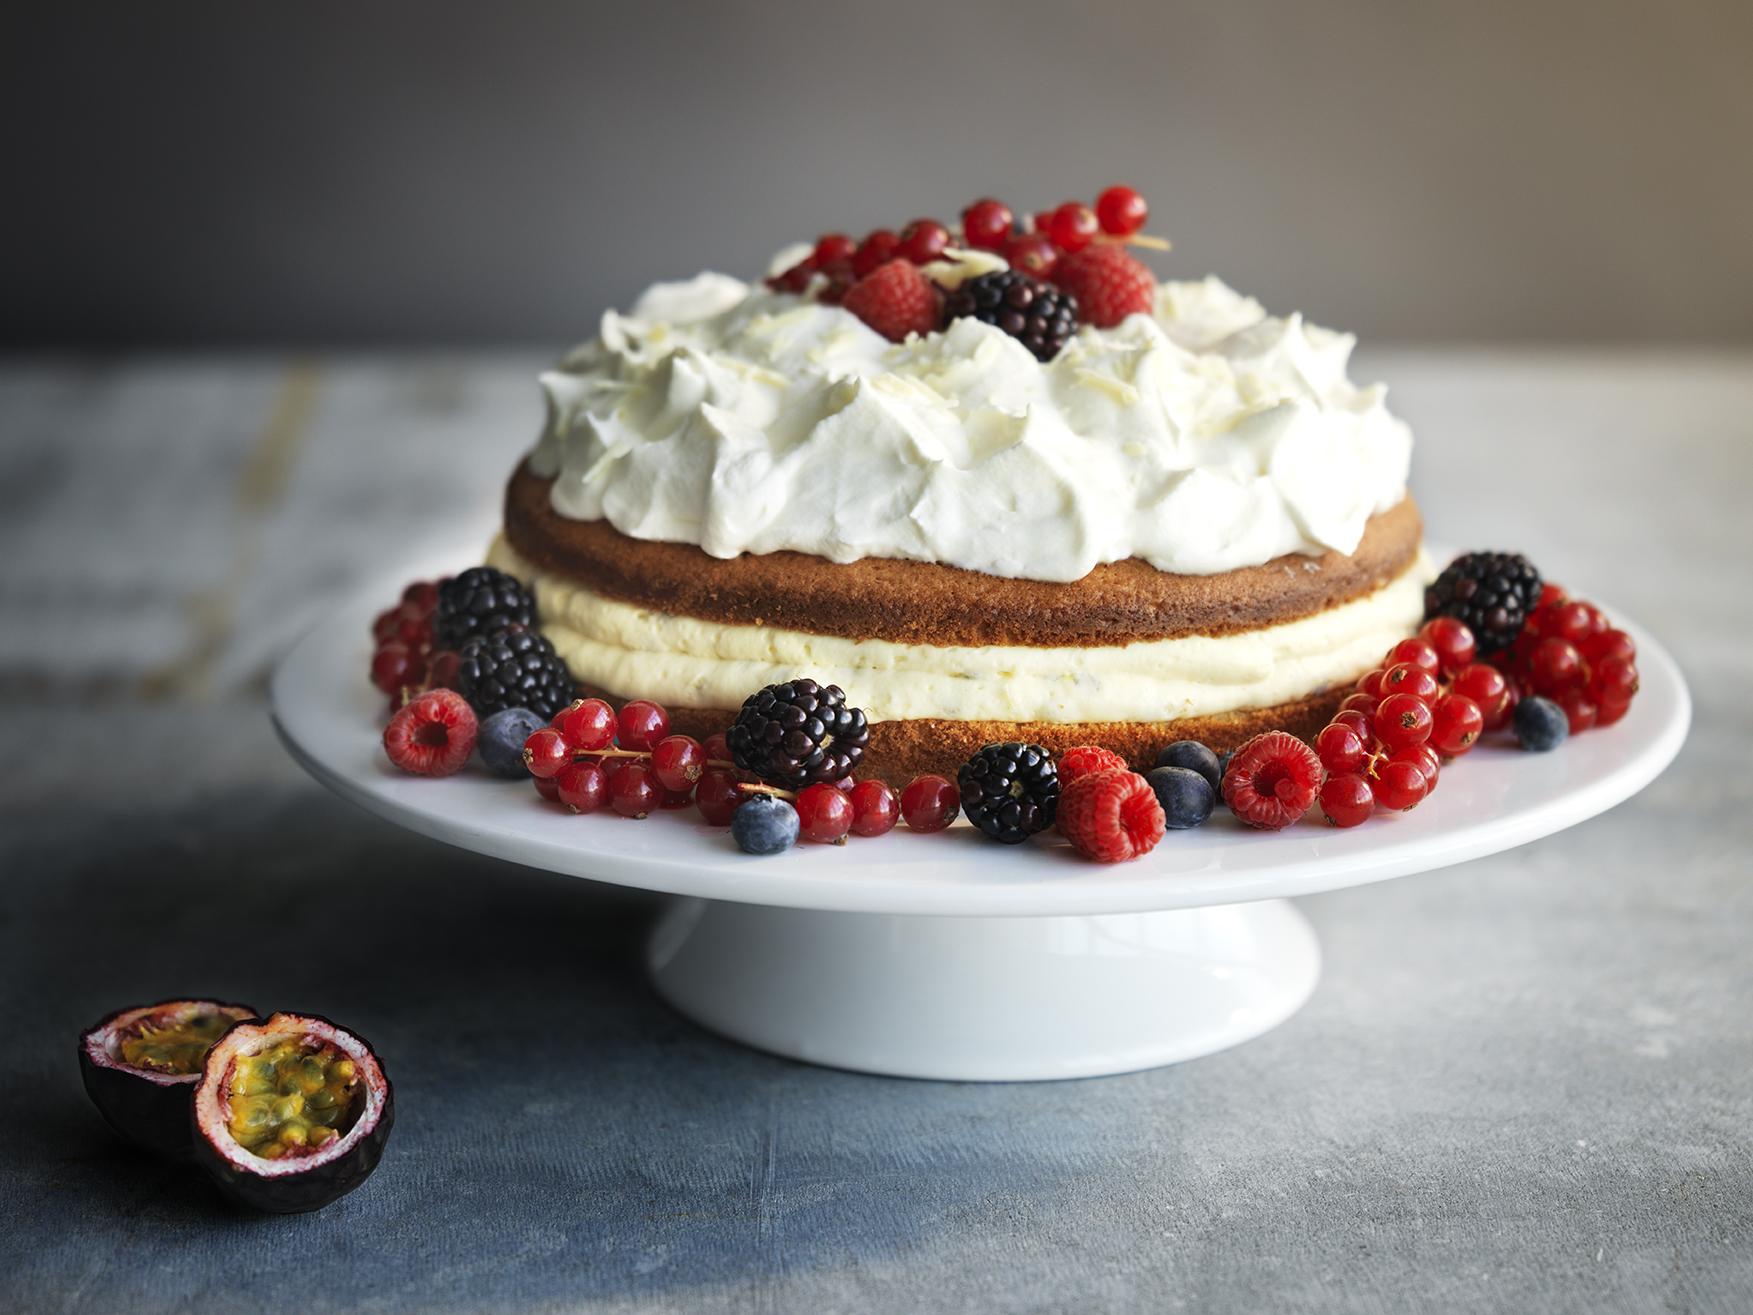 Gâteau nu aux fruits rouges et noirs!